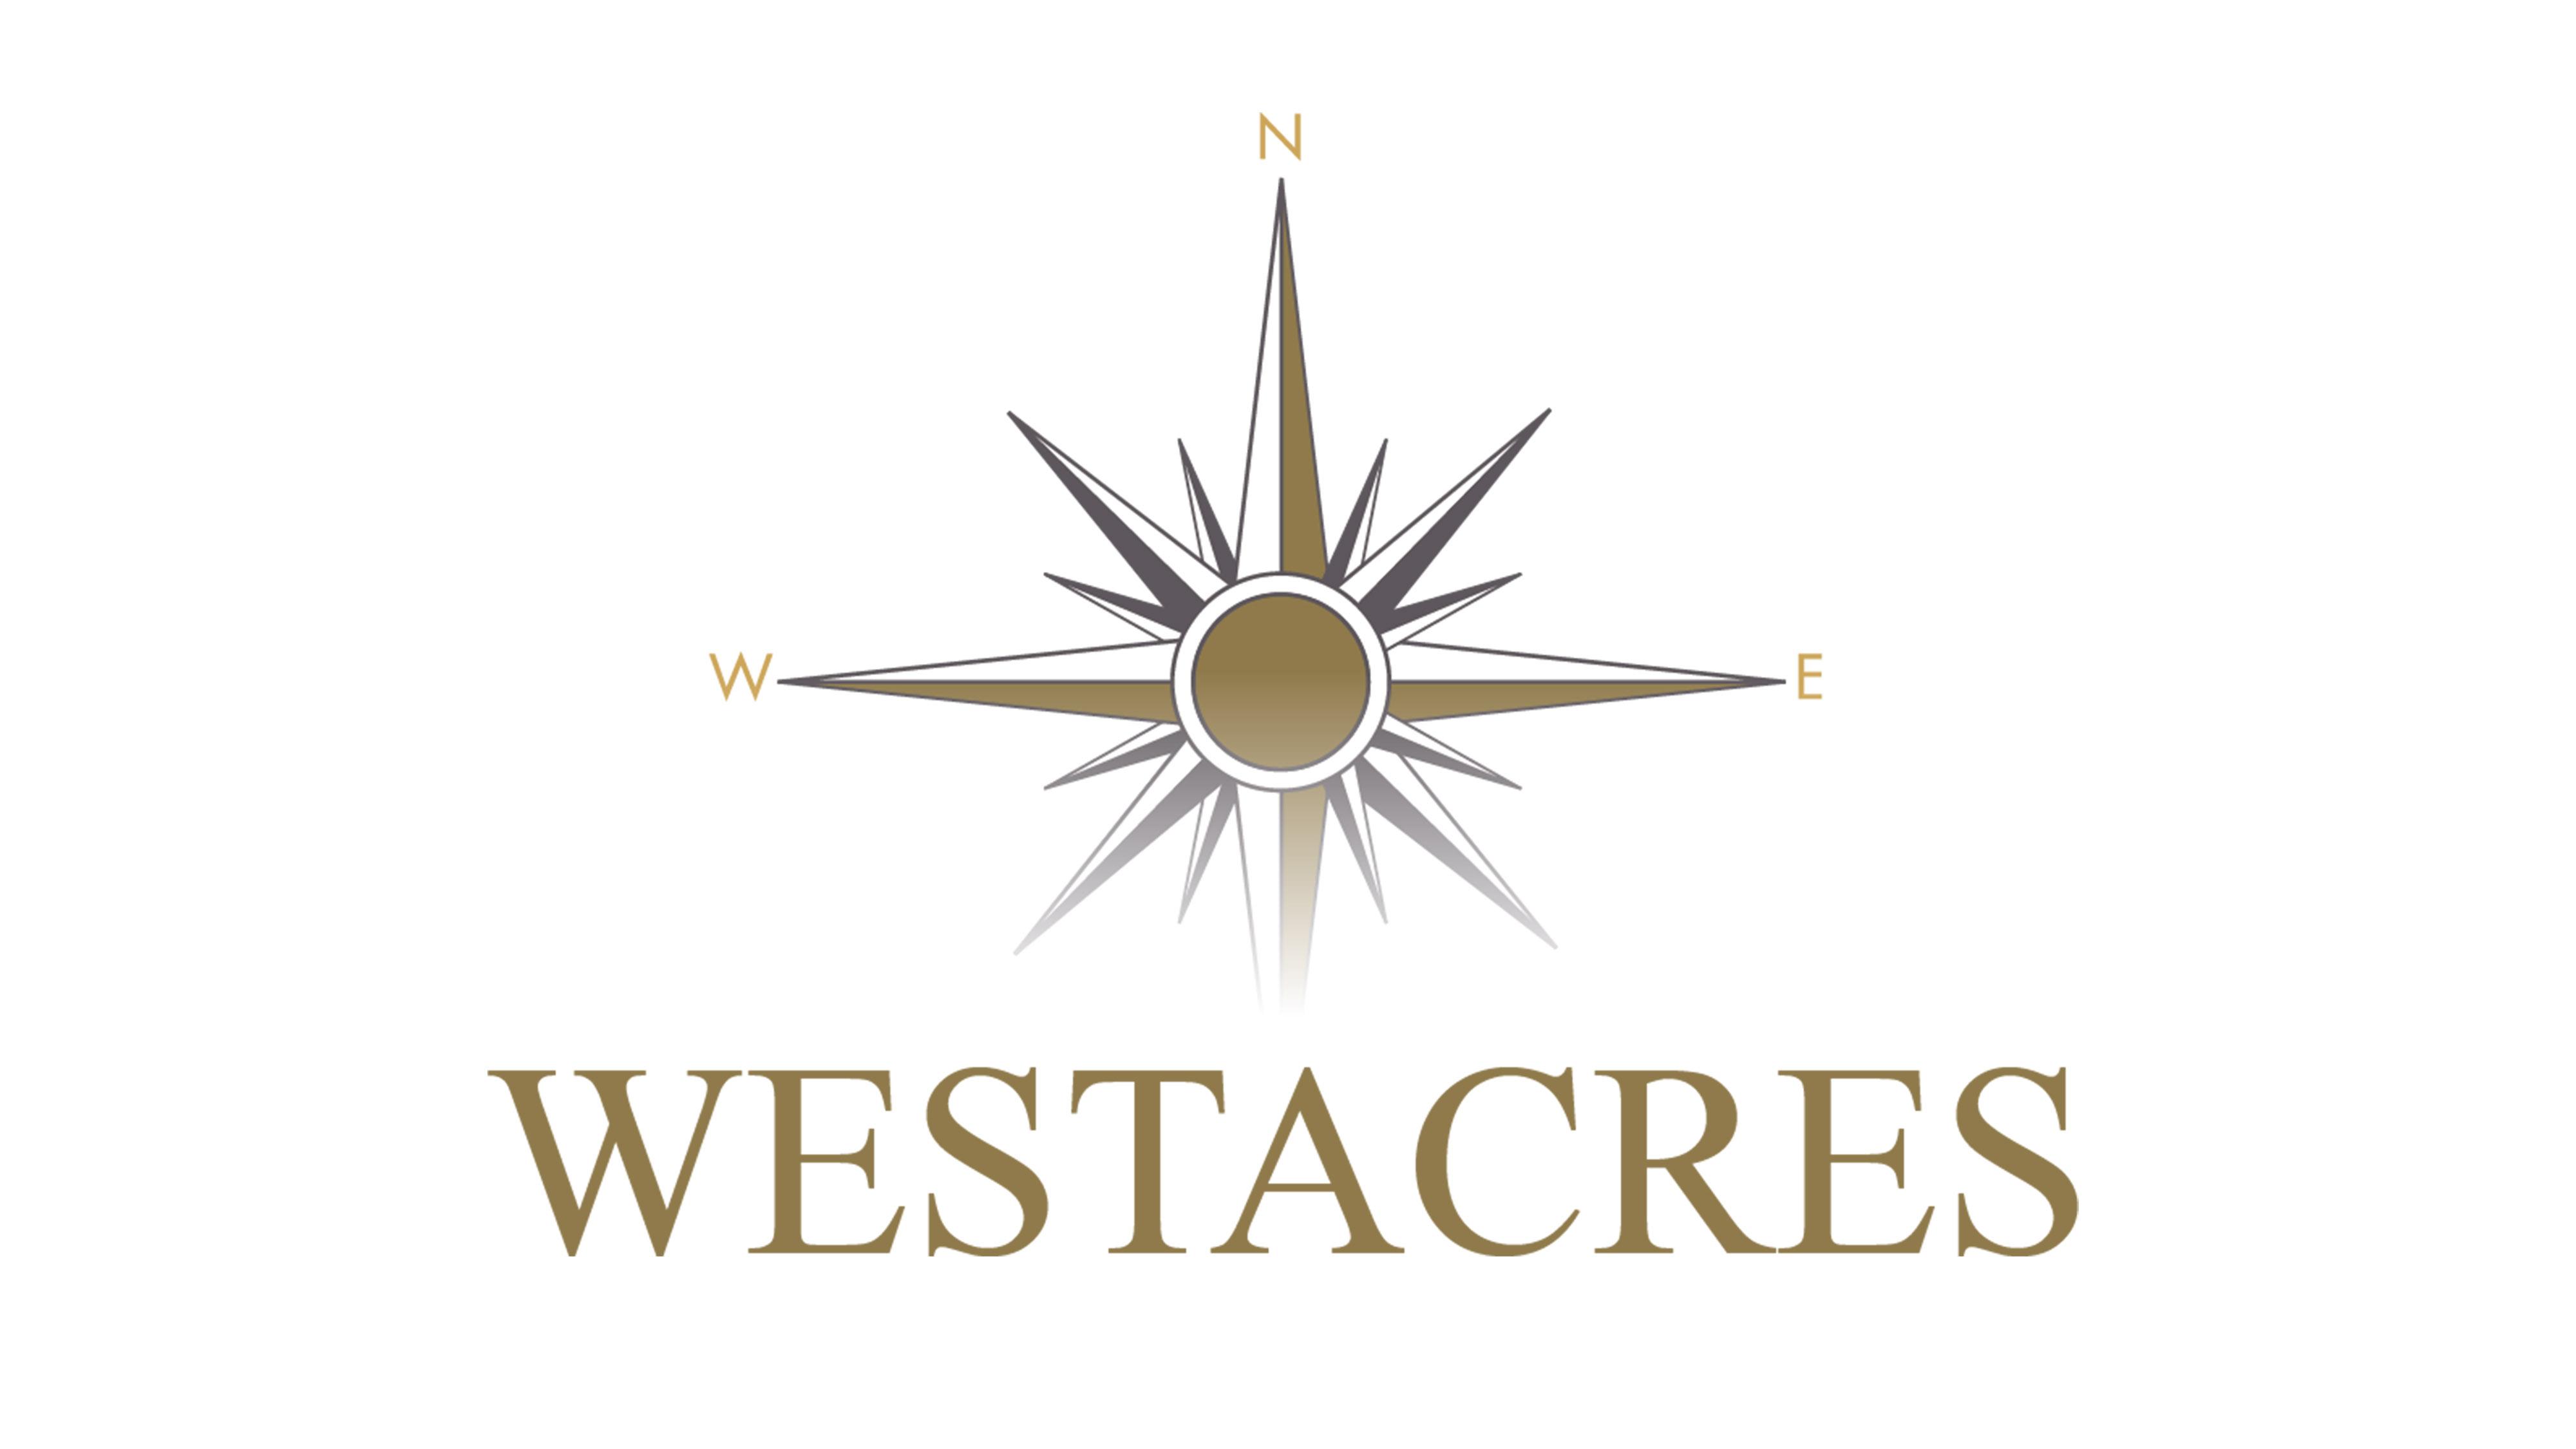 Westacres logo